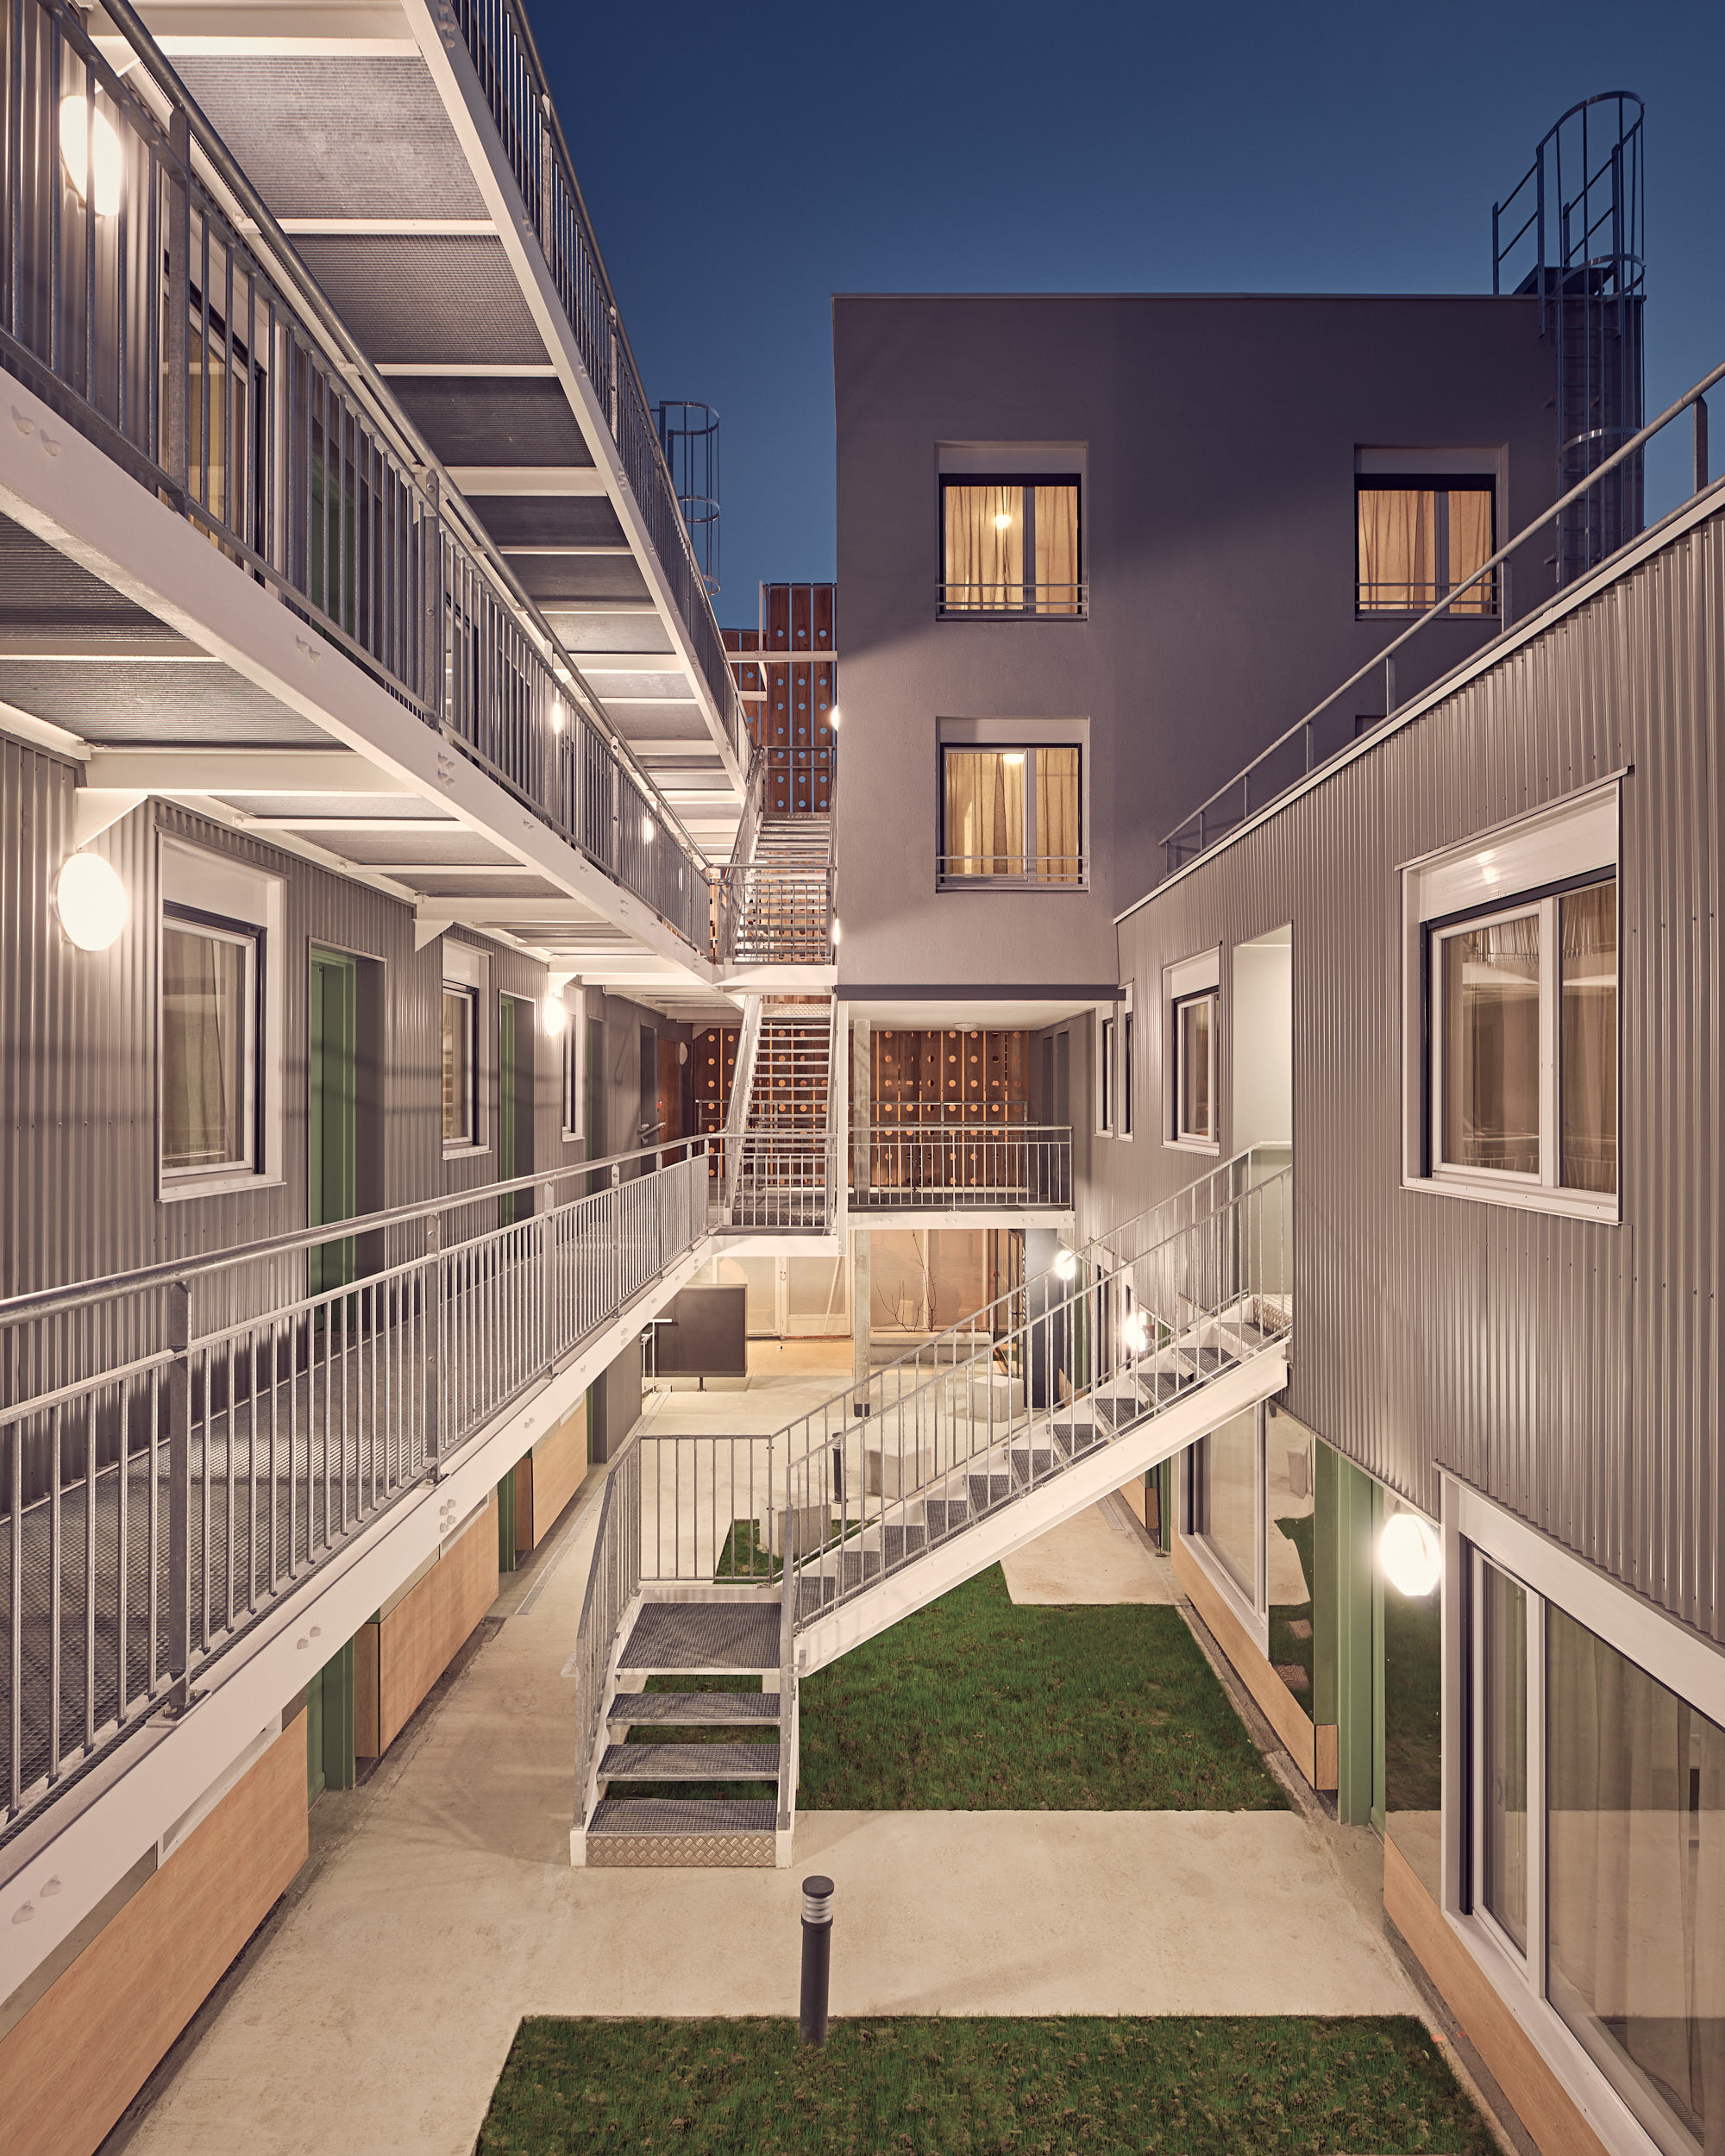 Stera Architecture